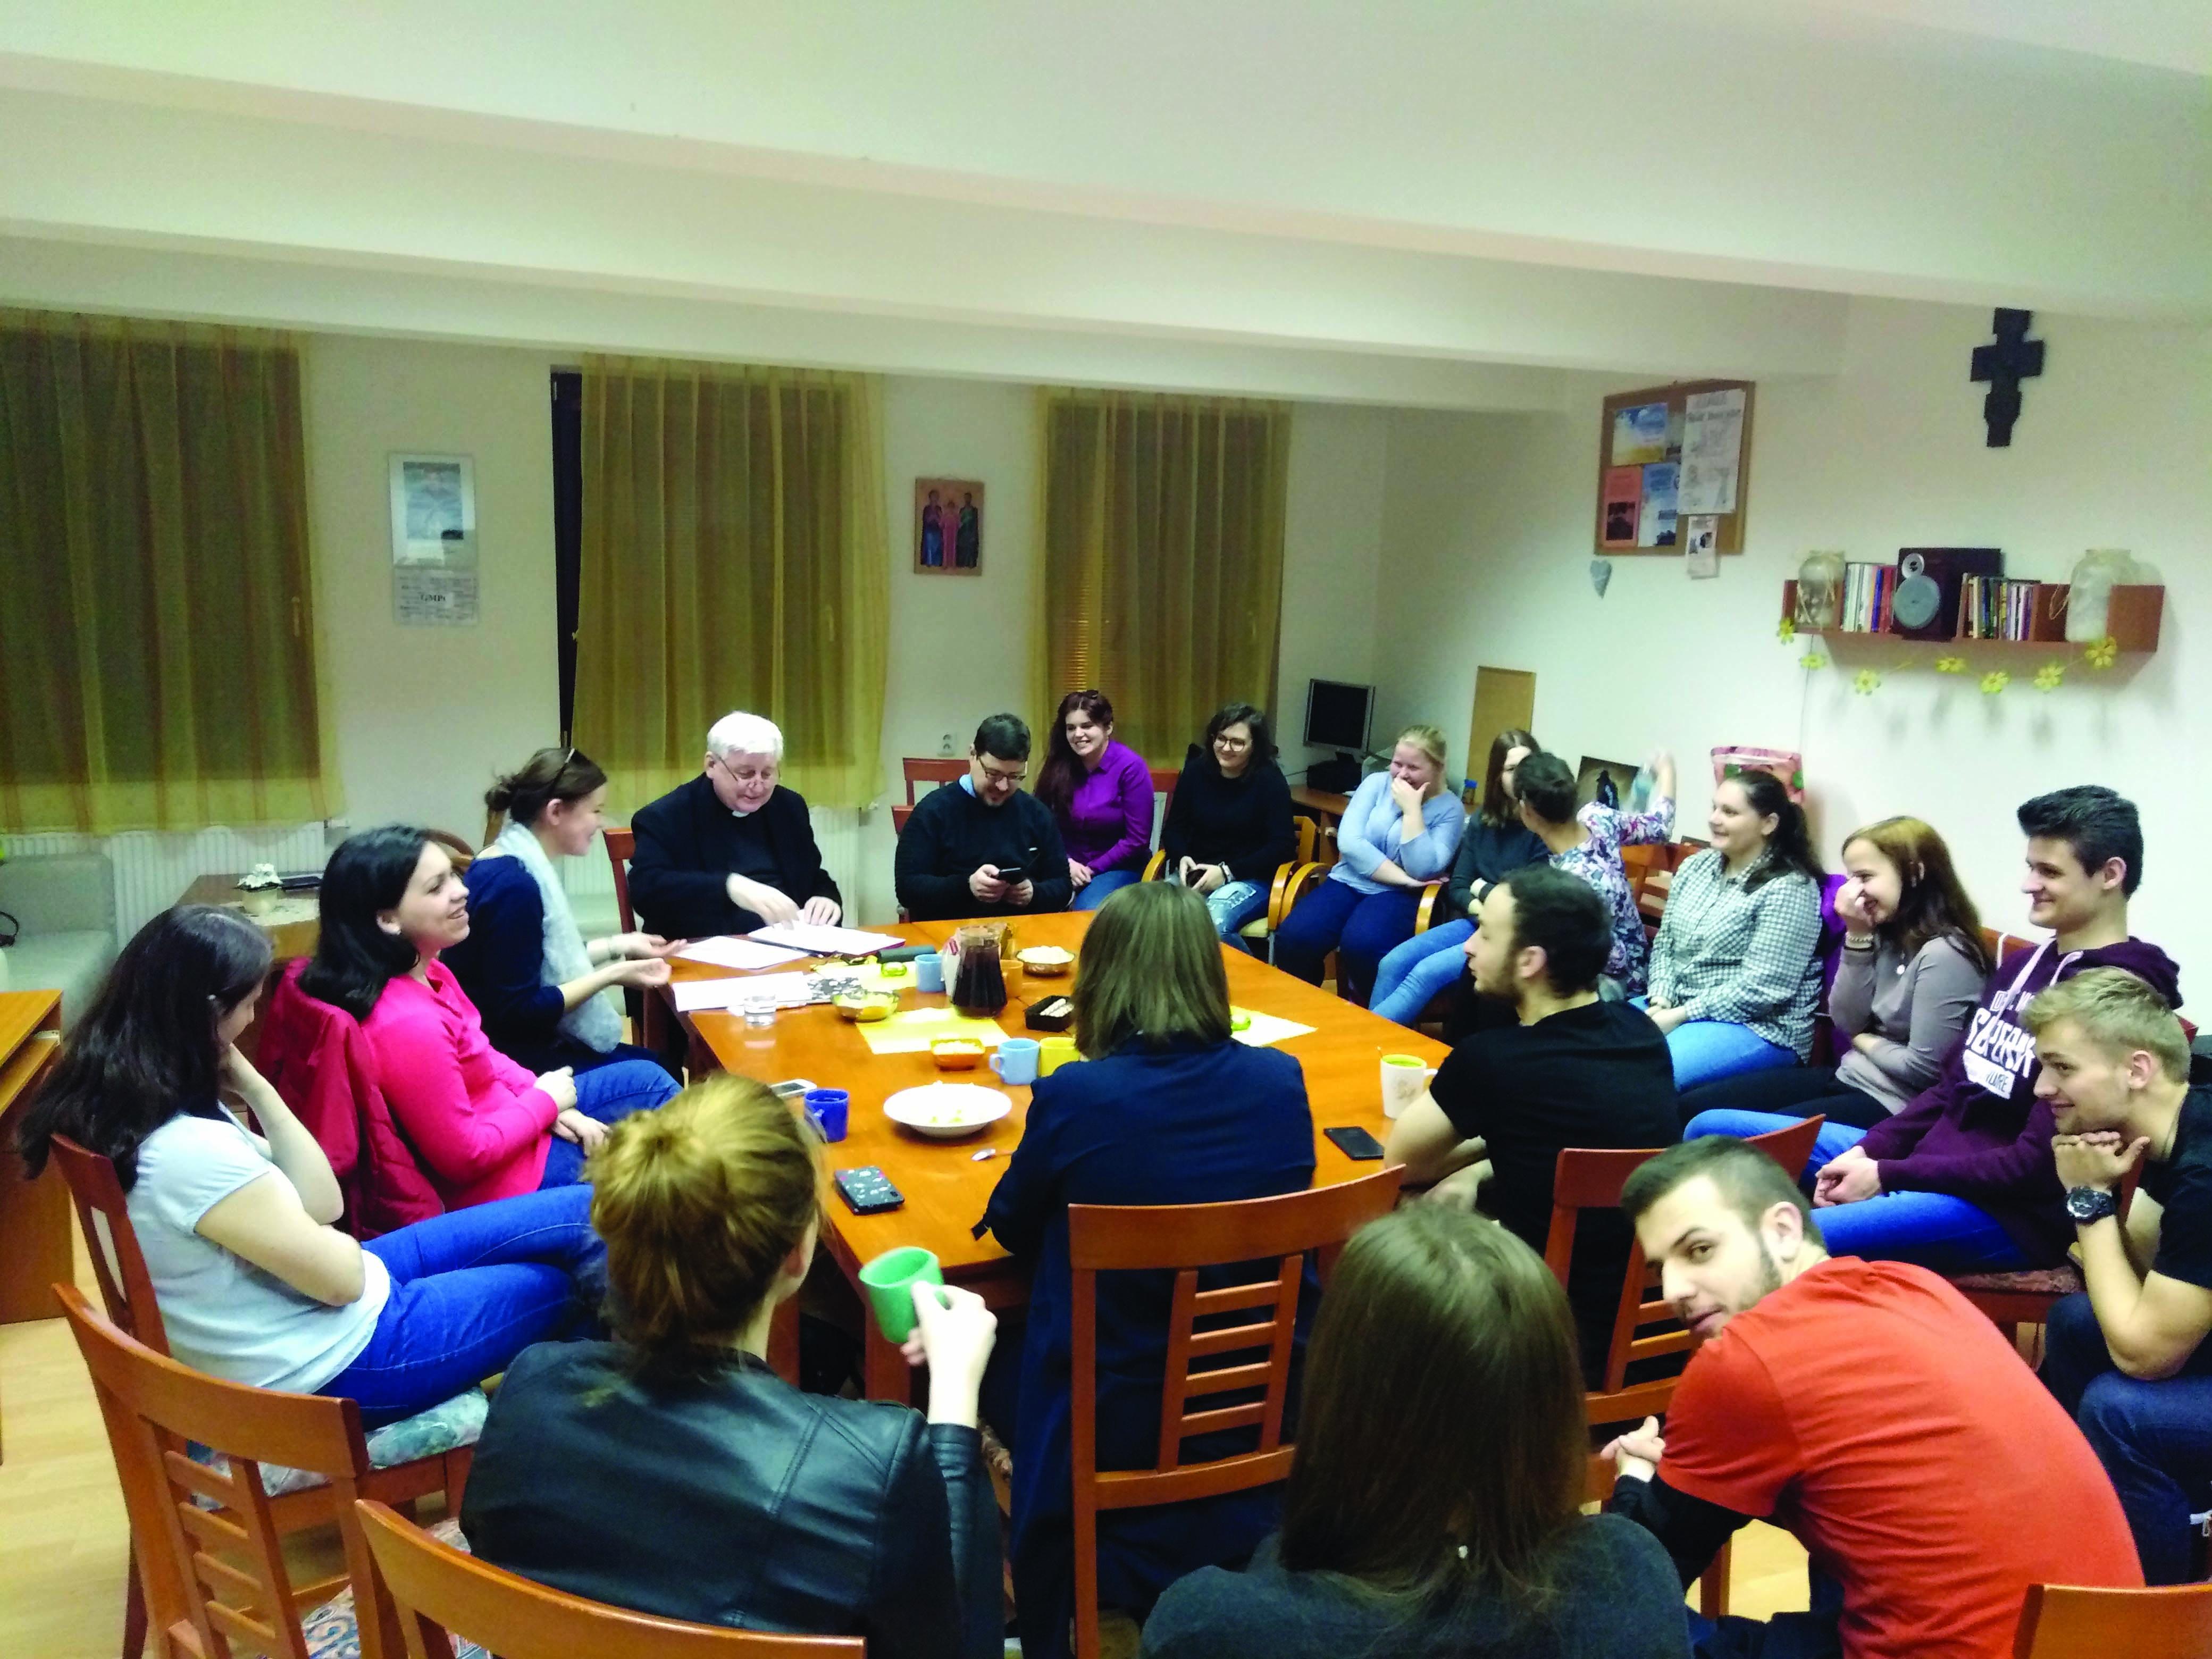 Stretnutia mladých, večery s vladykom o synode